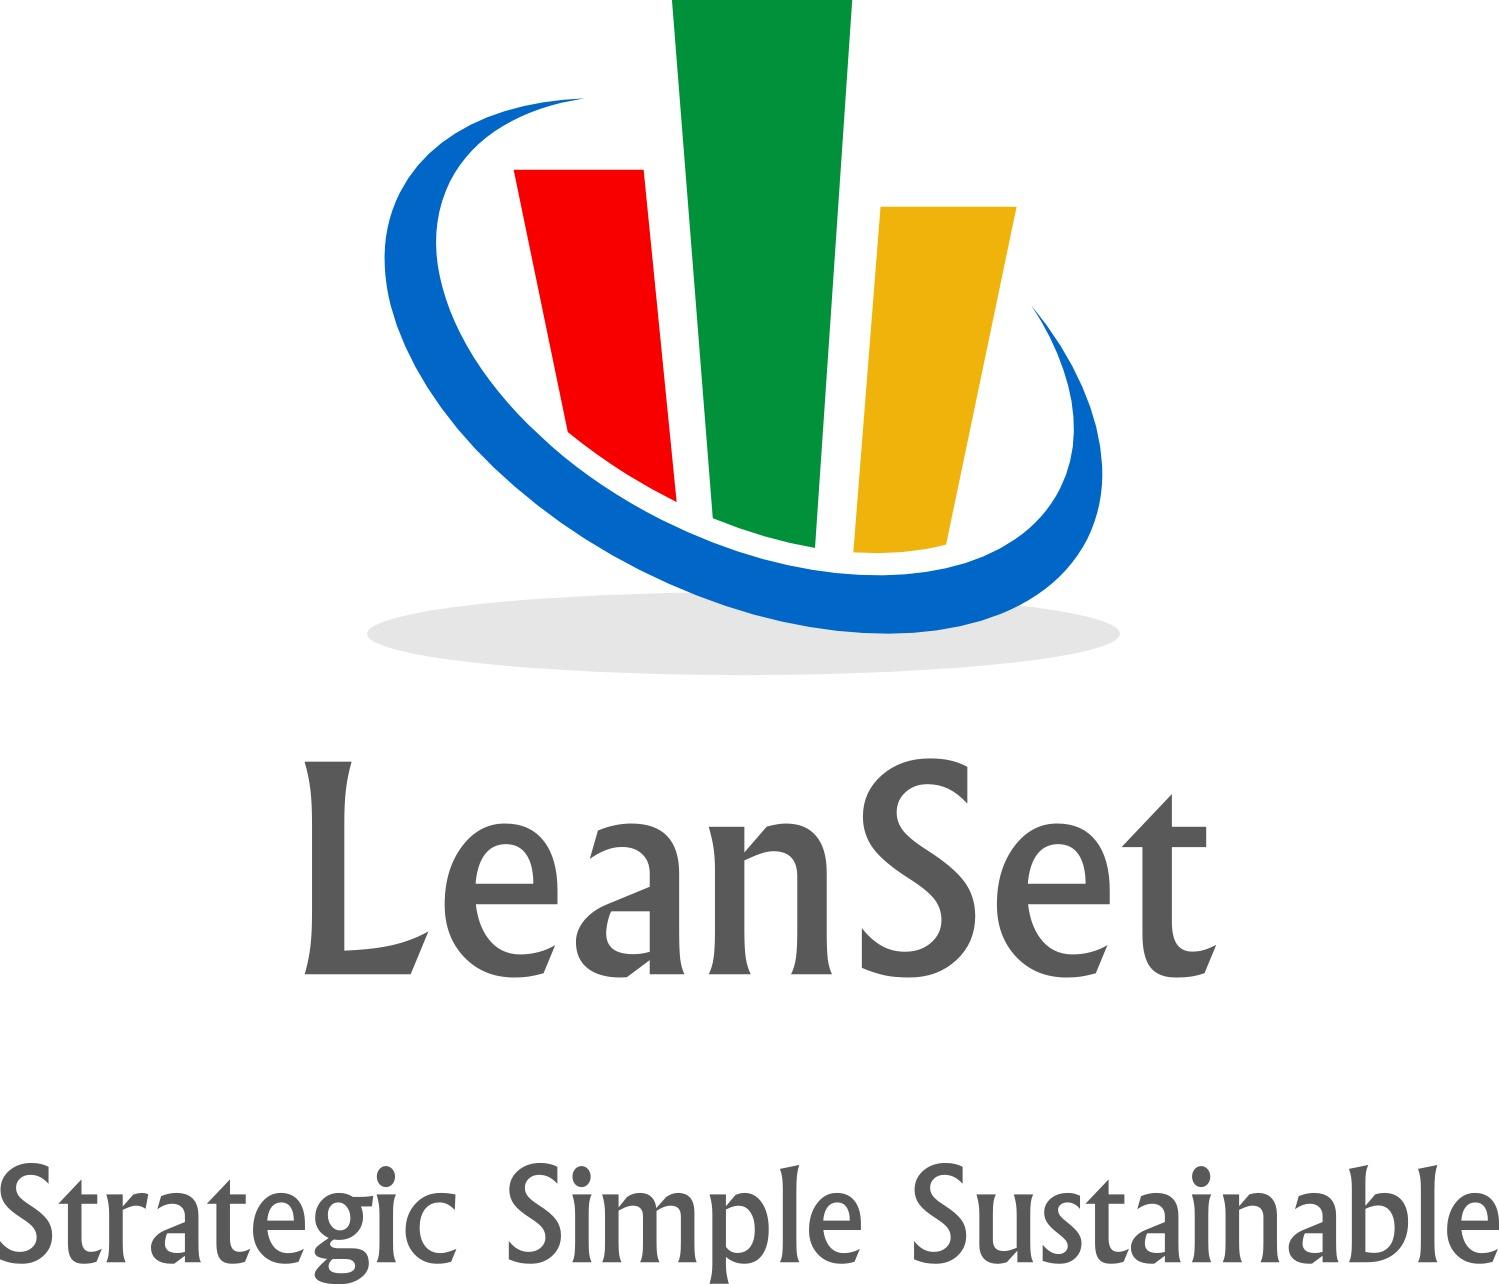 Lean Set